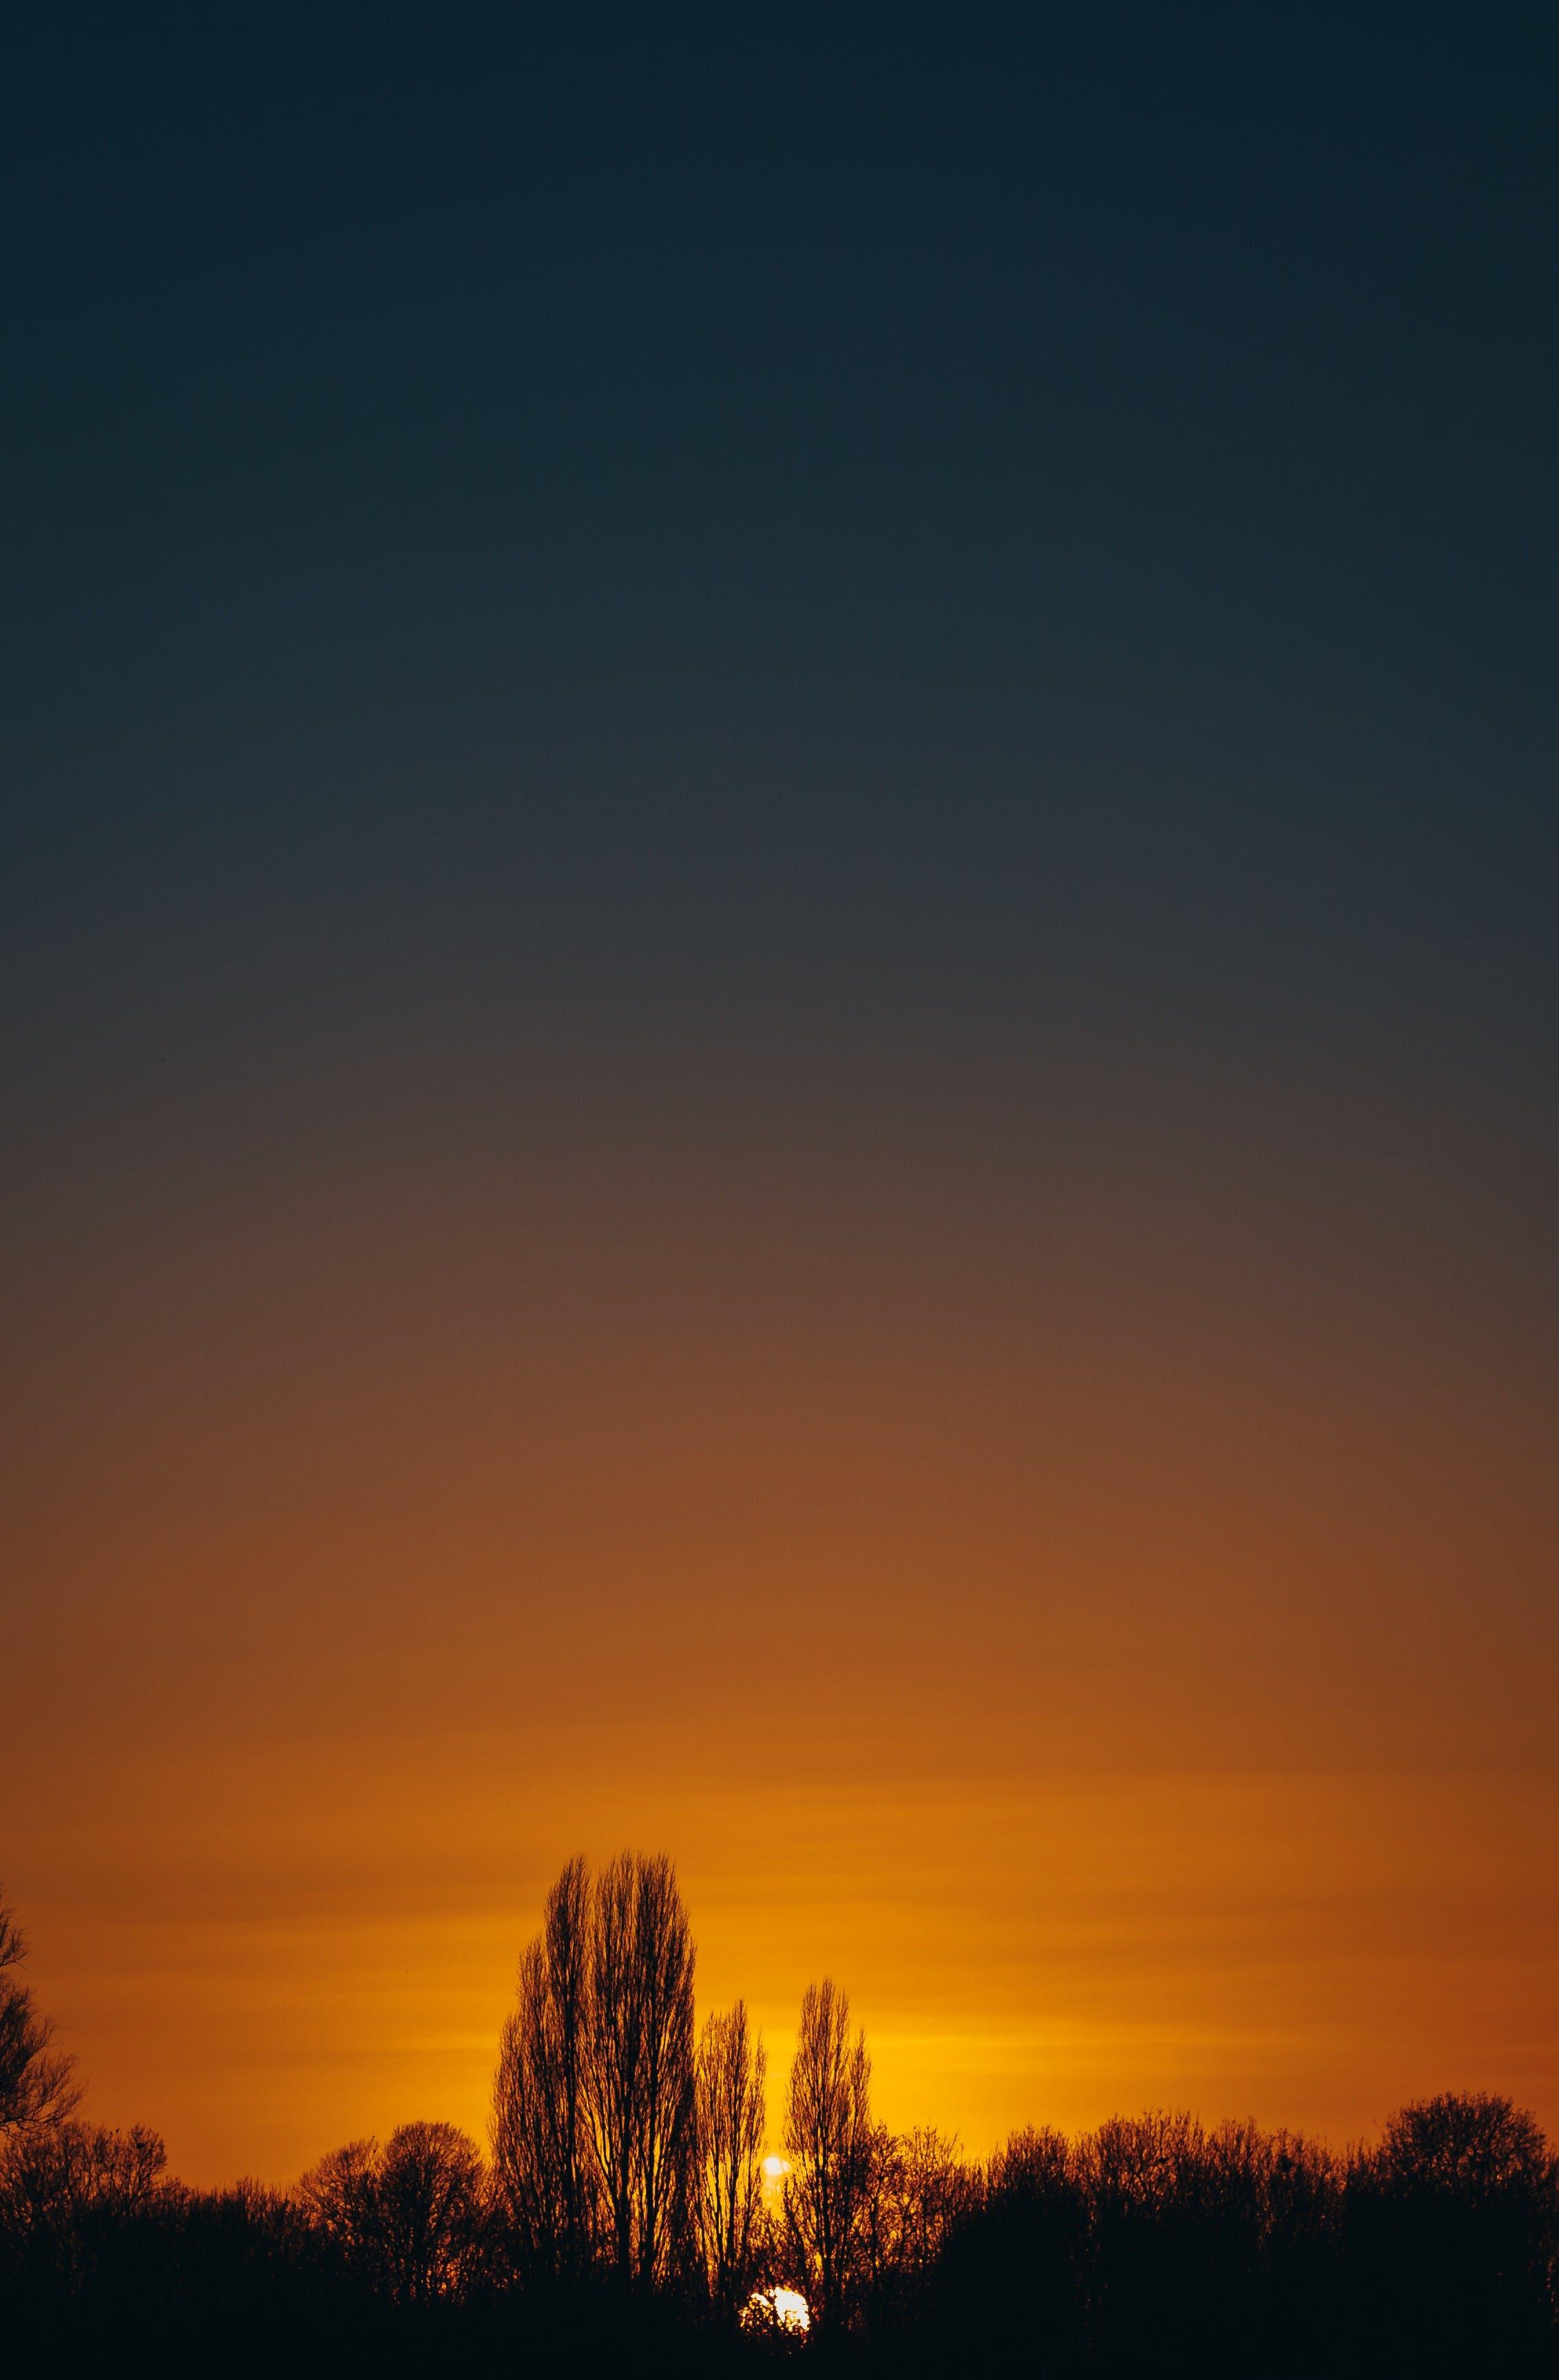 골든 아워, 나무, 새벽, 일몰의 무료 스톡 사진